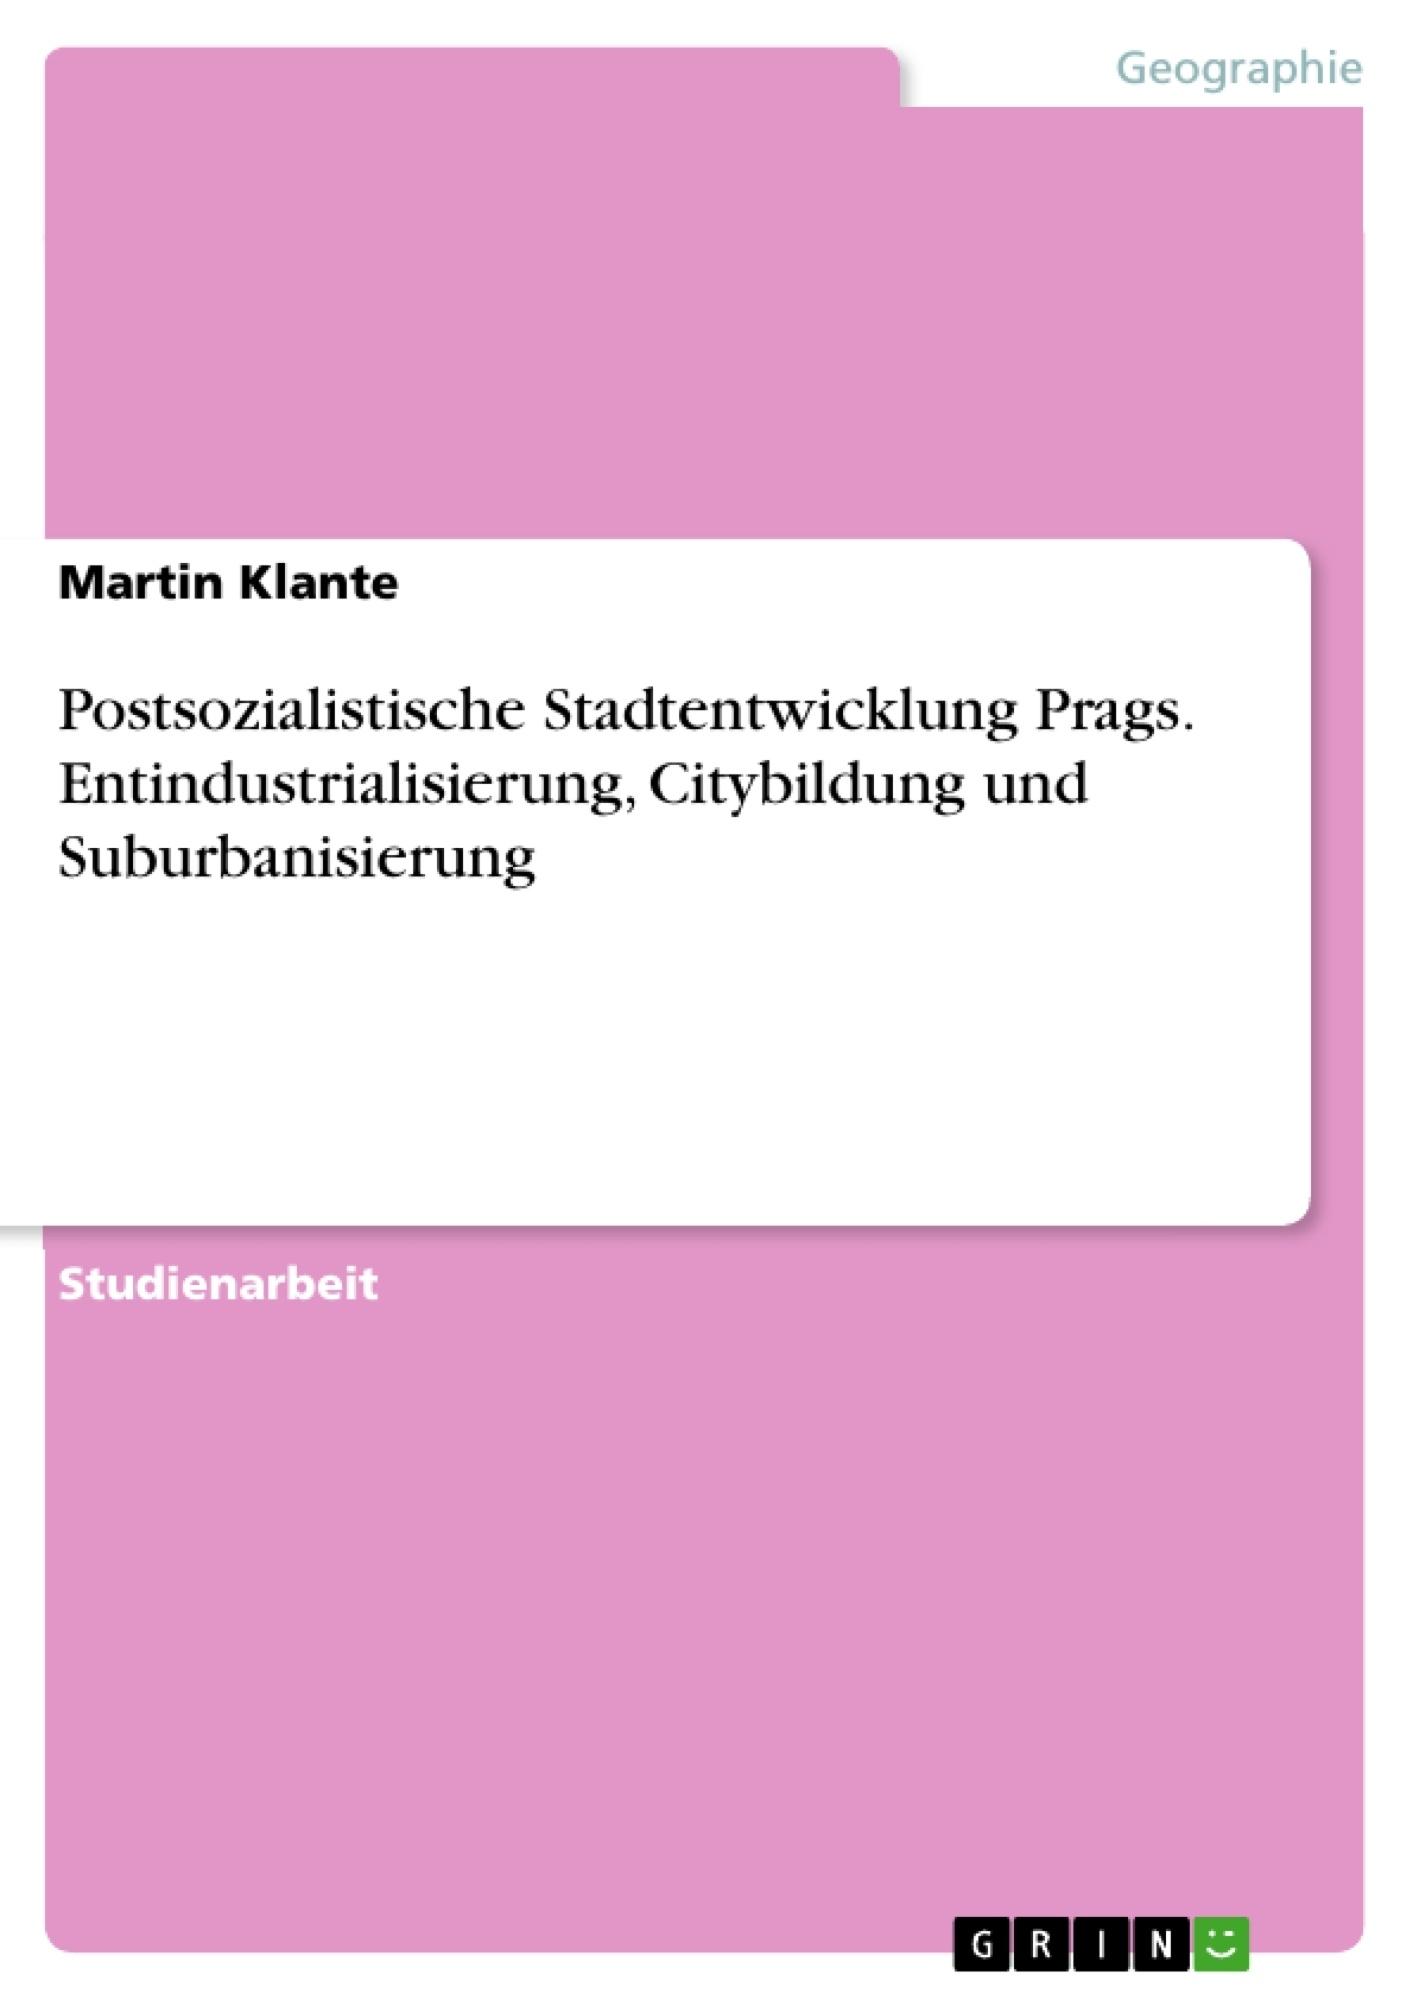 Titel: Postsozialistische Stadtentwicklung Prags. Entindustrialisierung, Citybildung und Suburbanisierung